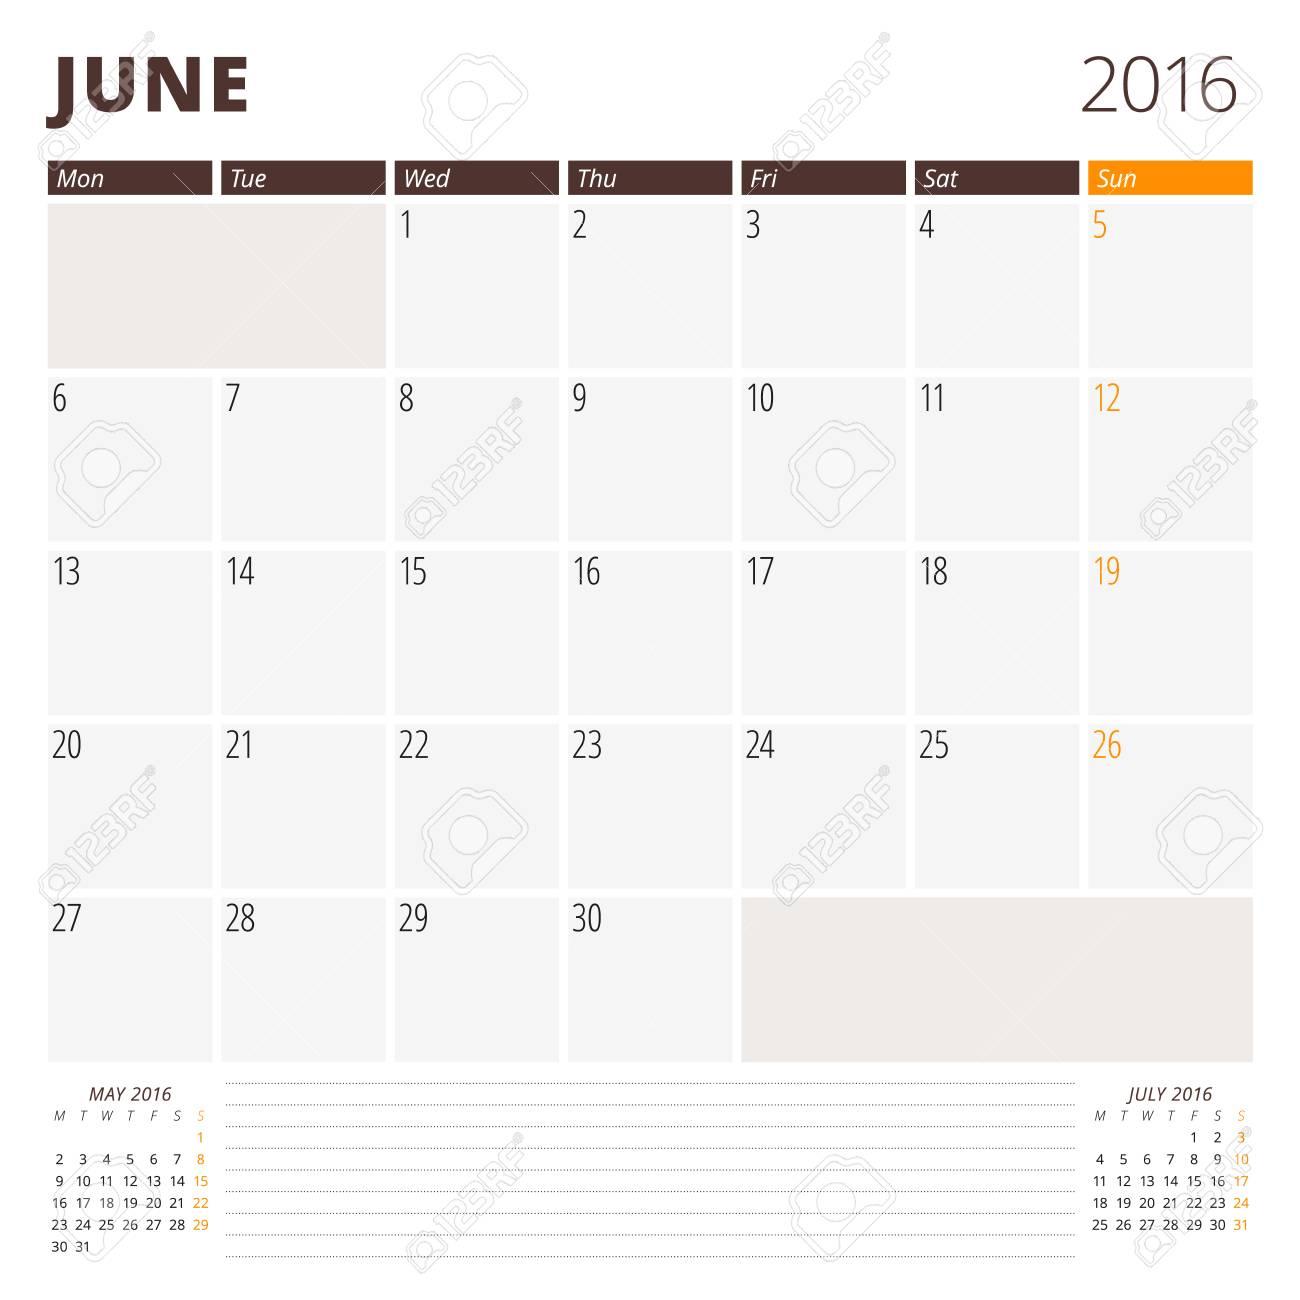 Plantilla Calendario De Junio De 2016. La Semana Comienza El Lunes ...